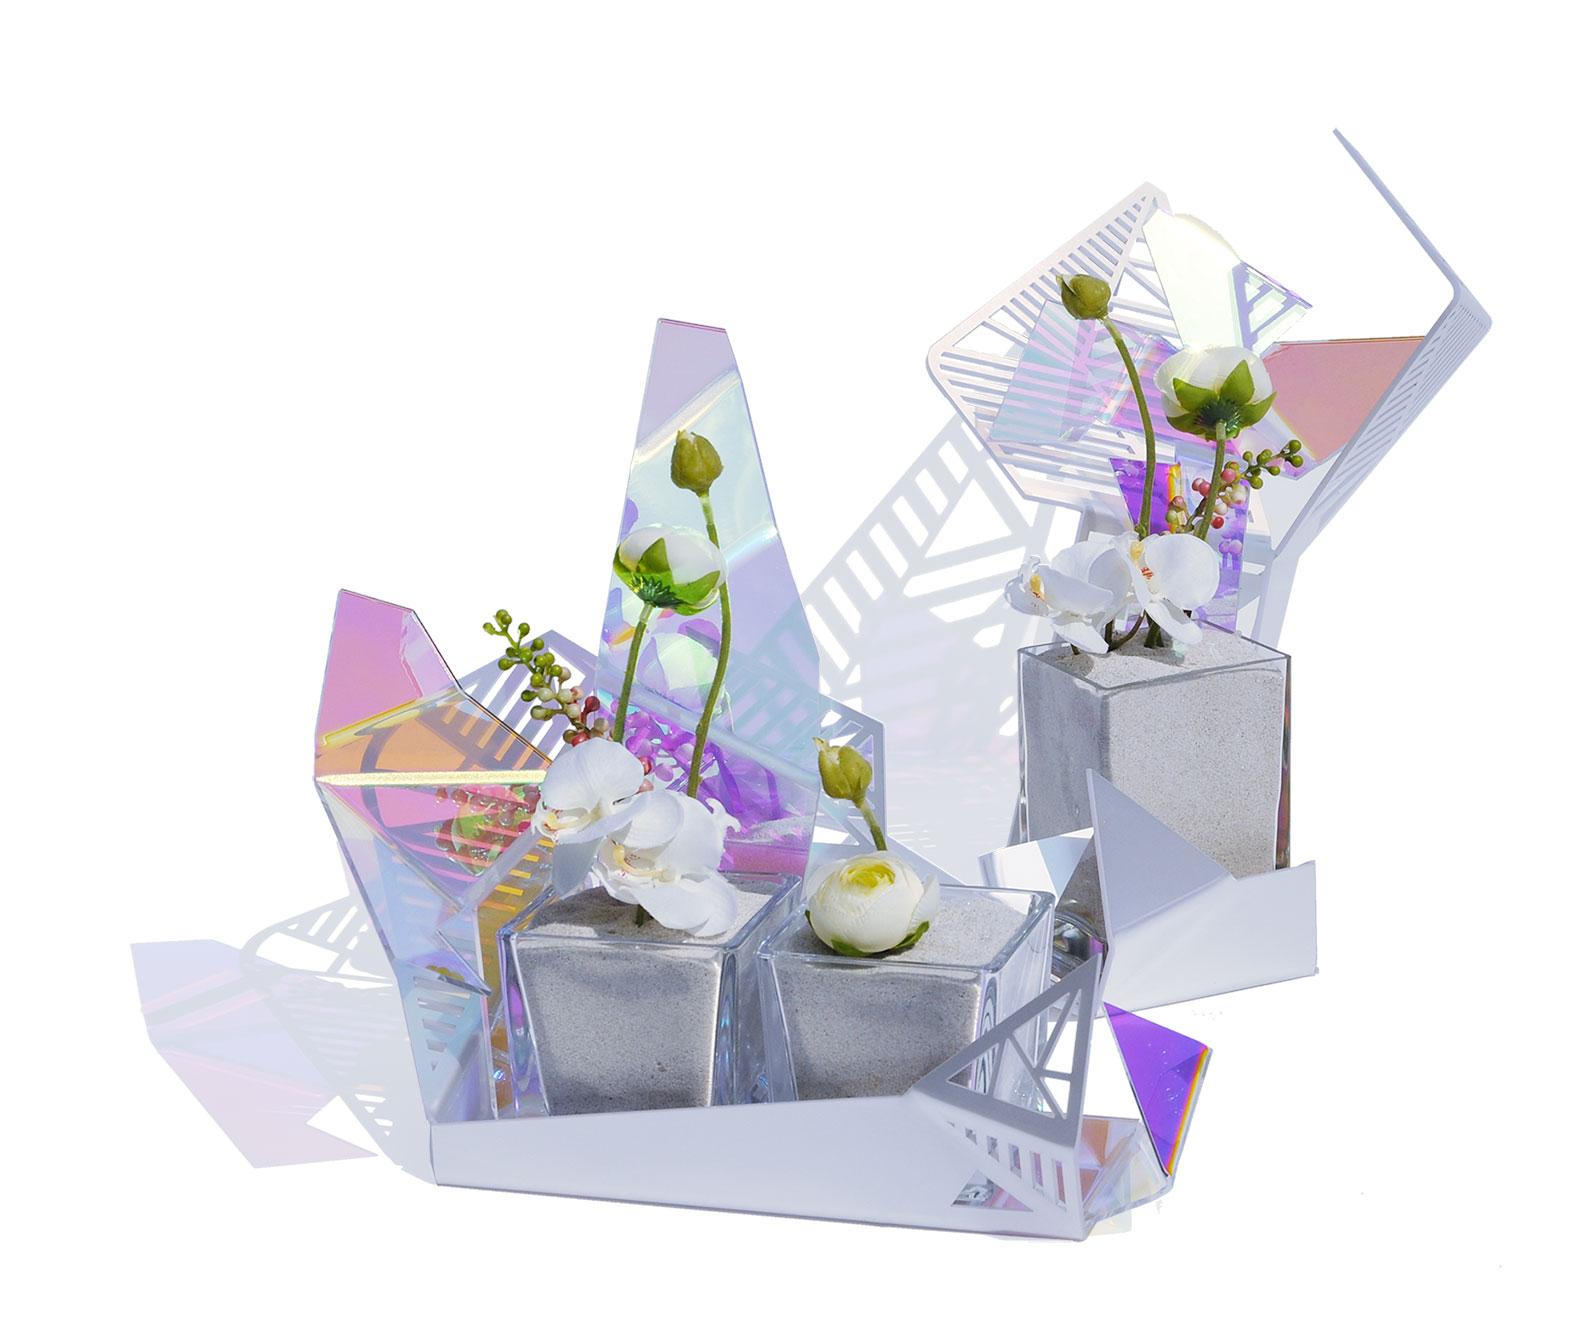 vasi-moderni-da-interni